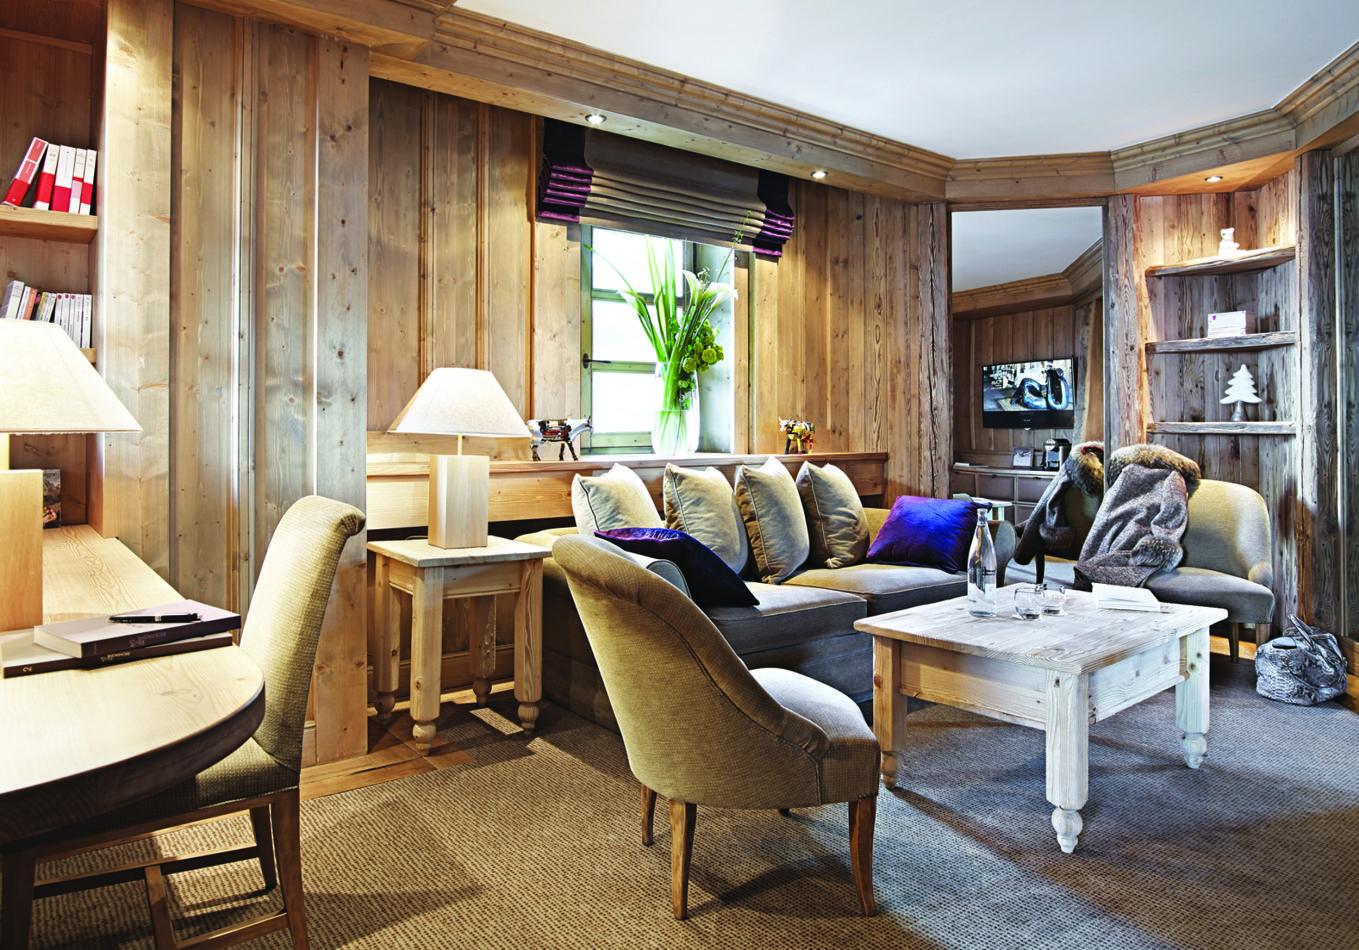 21-suite-de-lourson-chalet-dalpage-salon-ourson-bear-cub